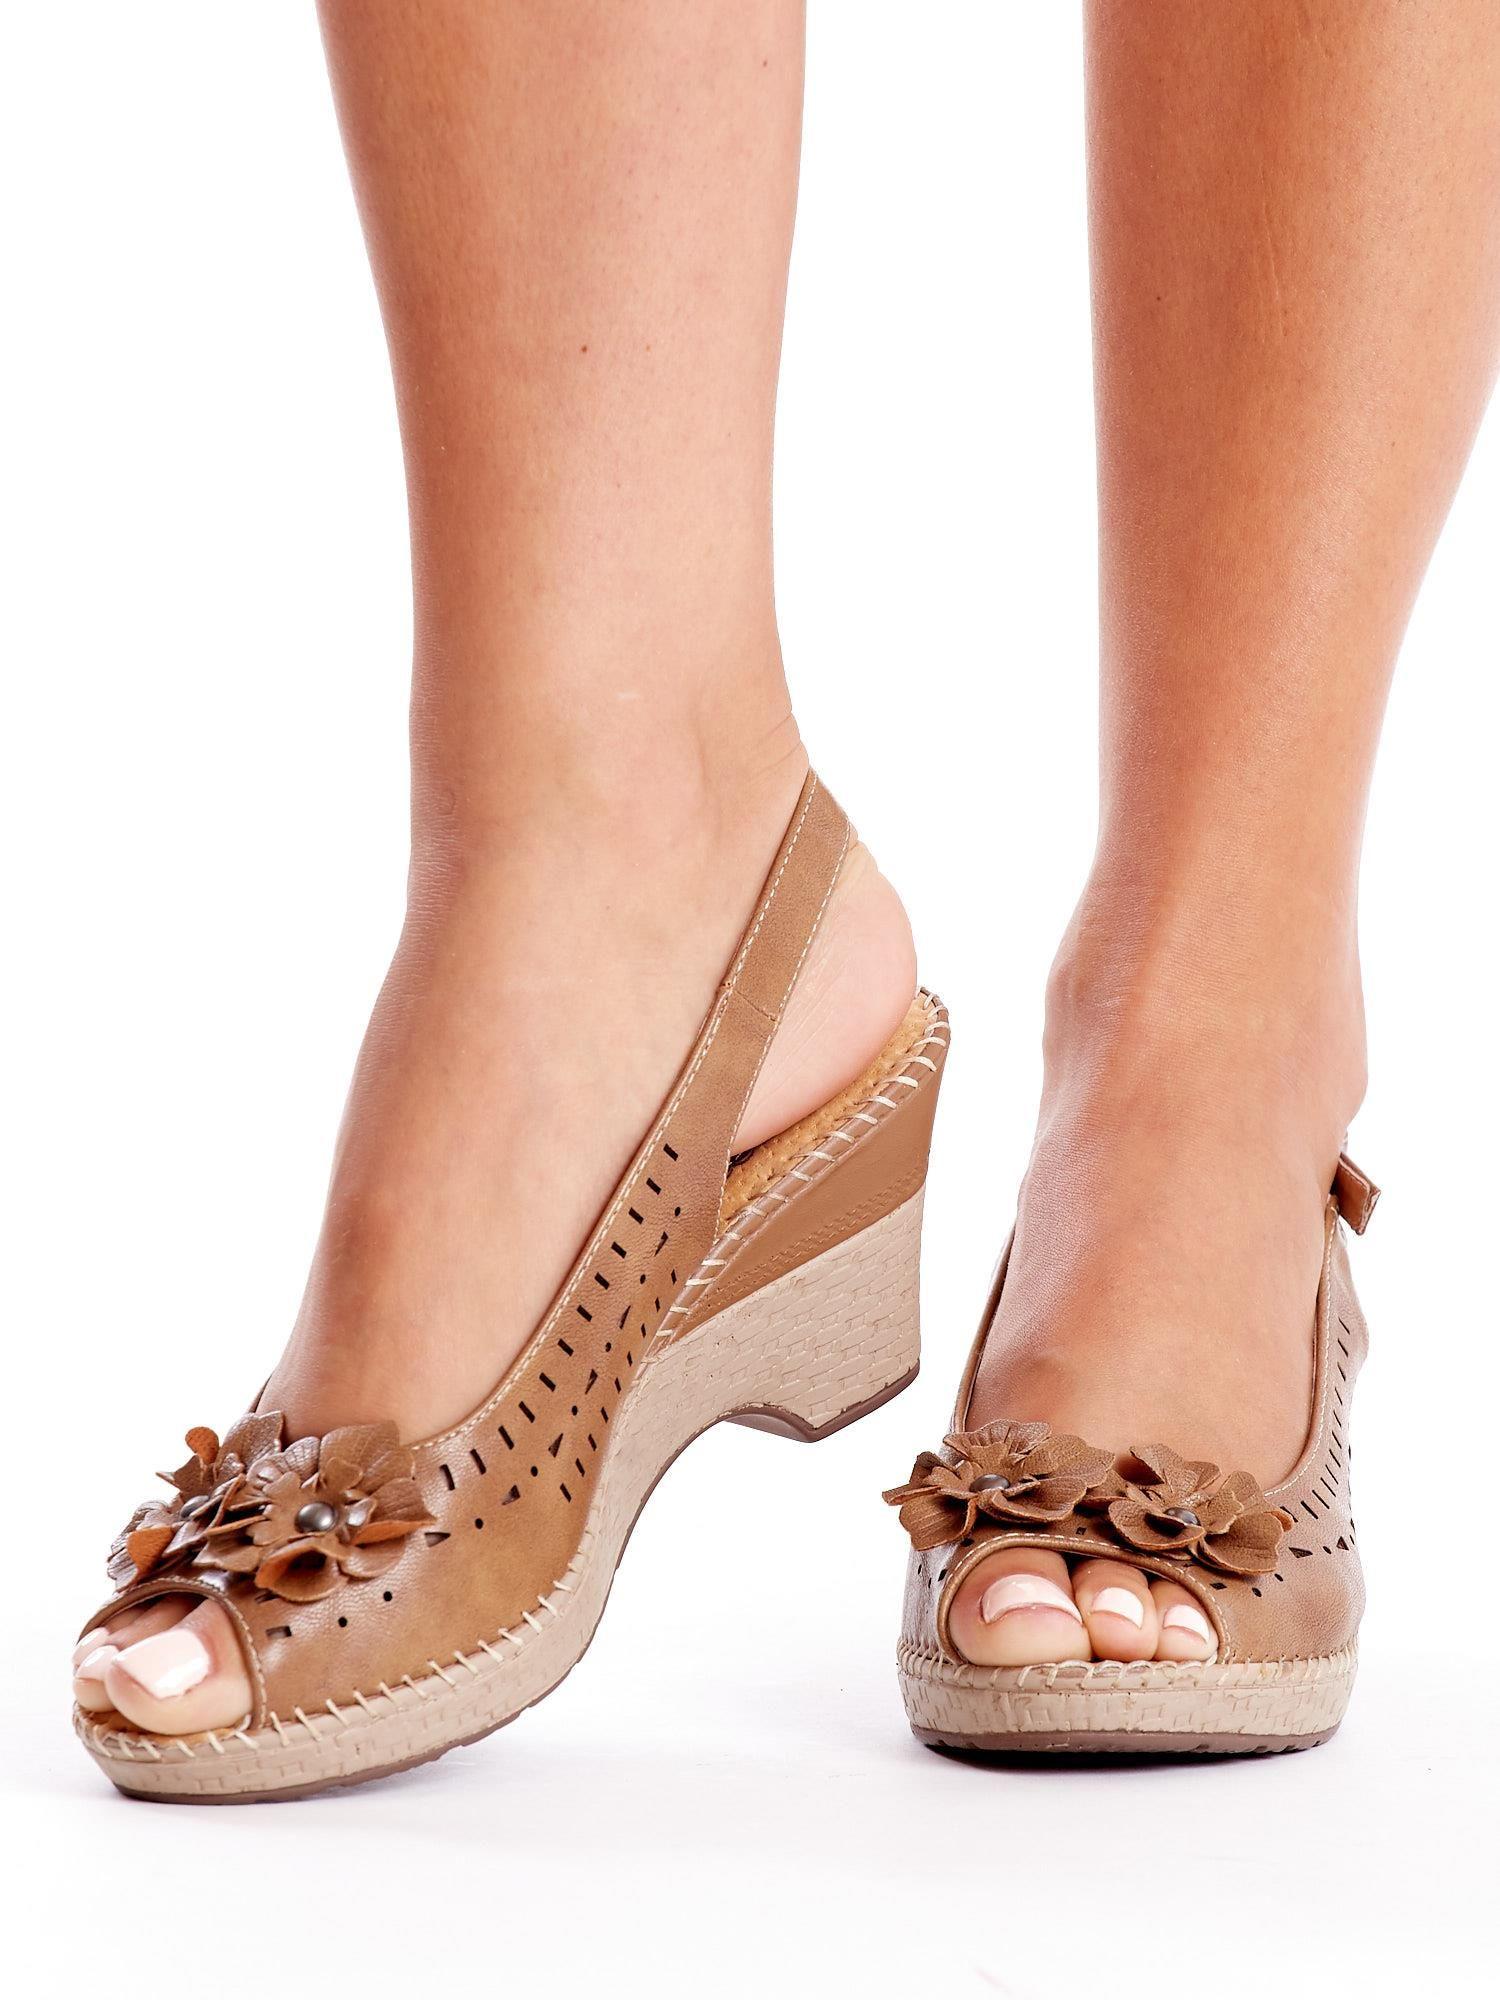 add71cae7fc80 Brązowe sandały na koturnie - Buty Sandały na koturnie - sklep eButik.pl